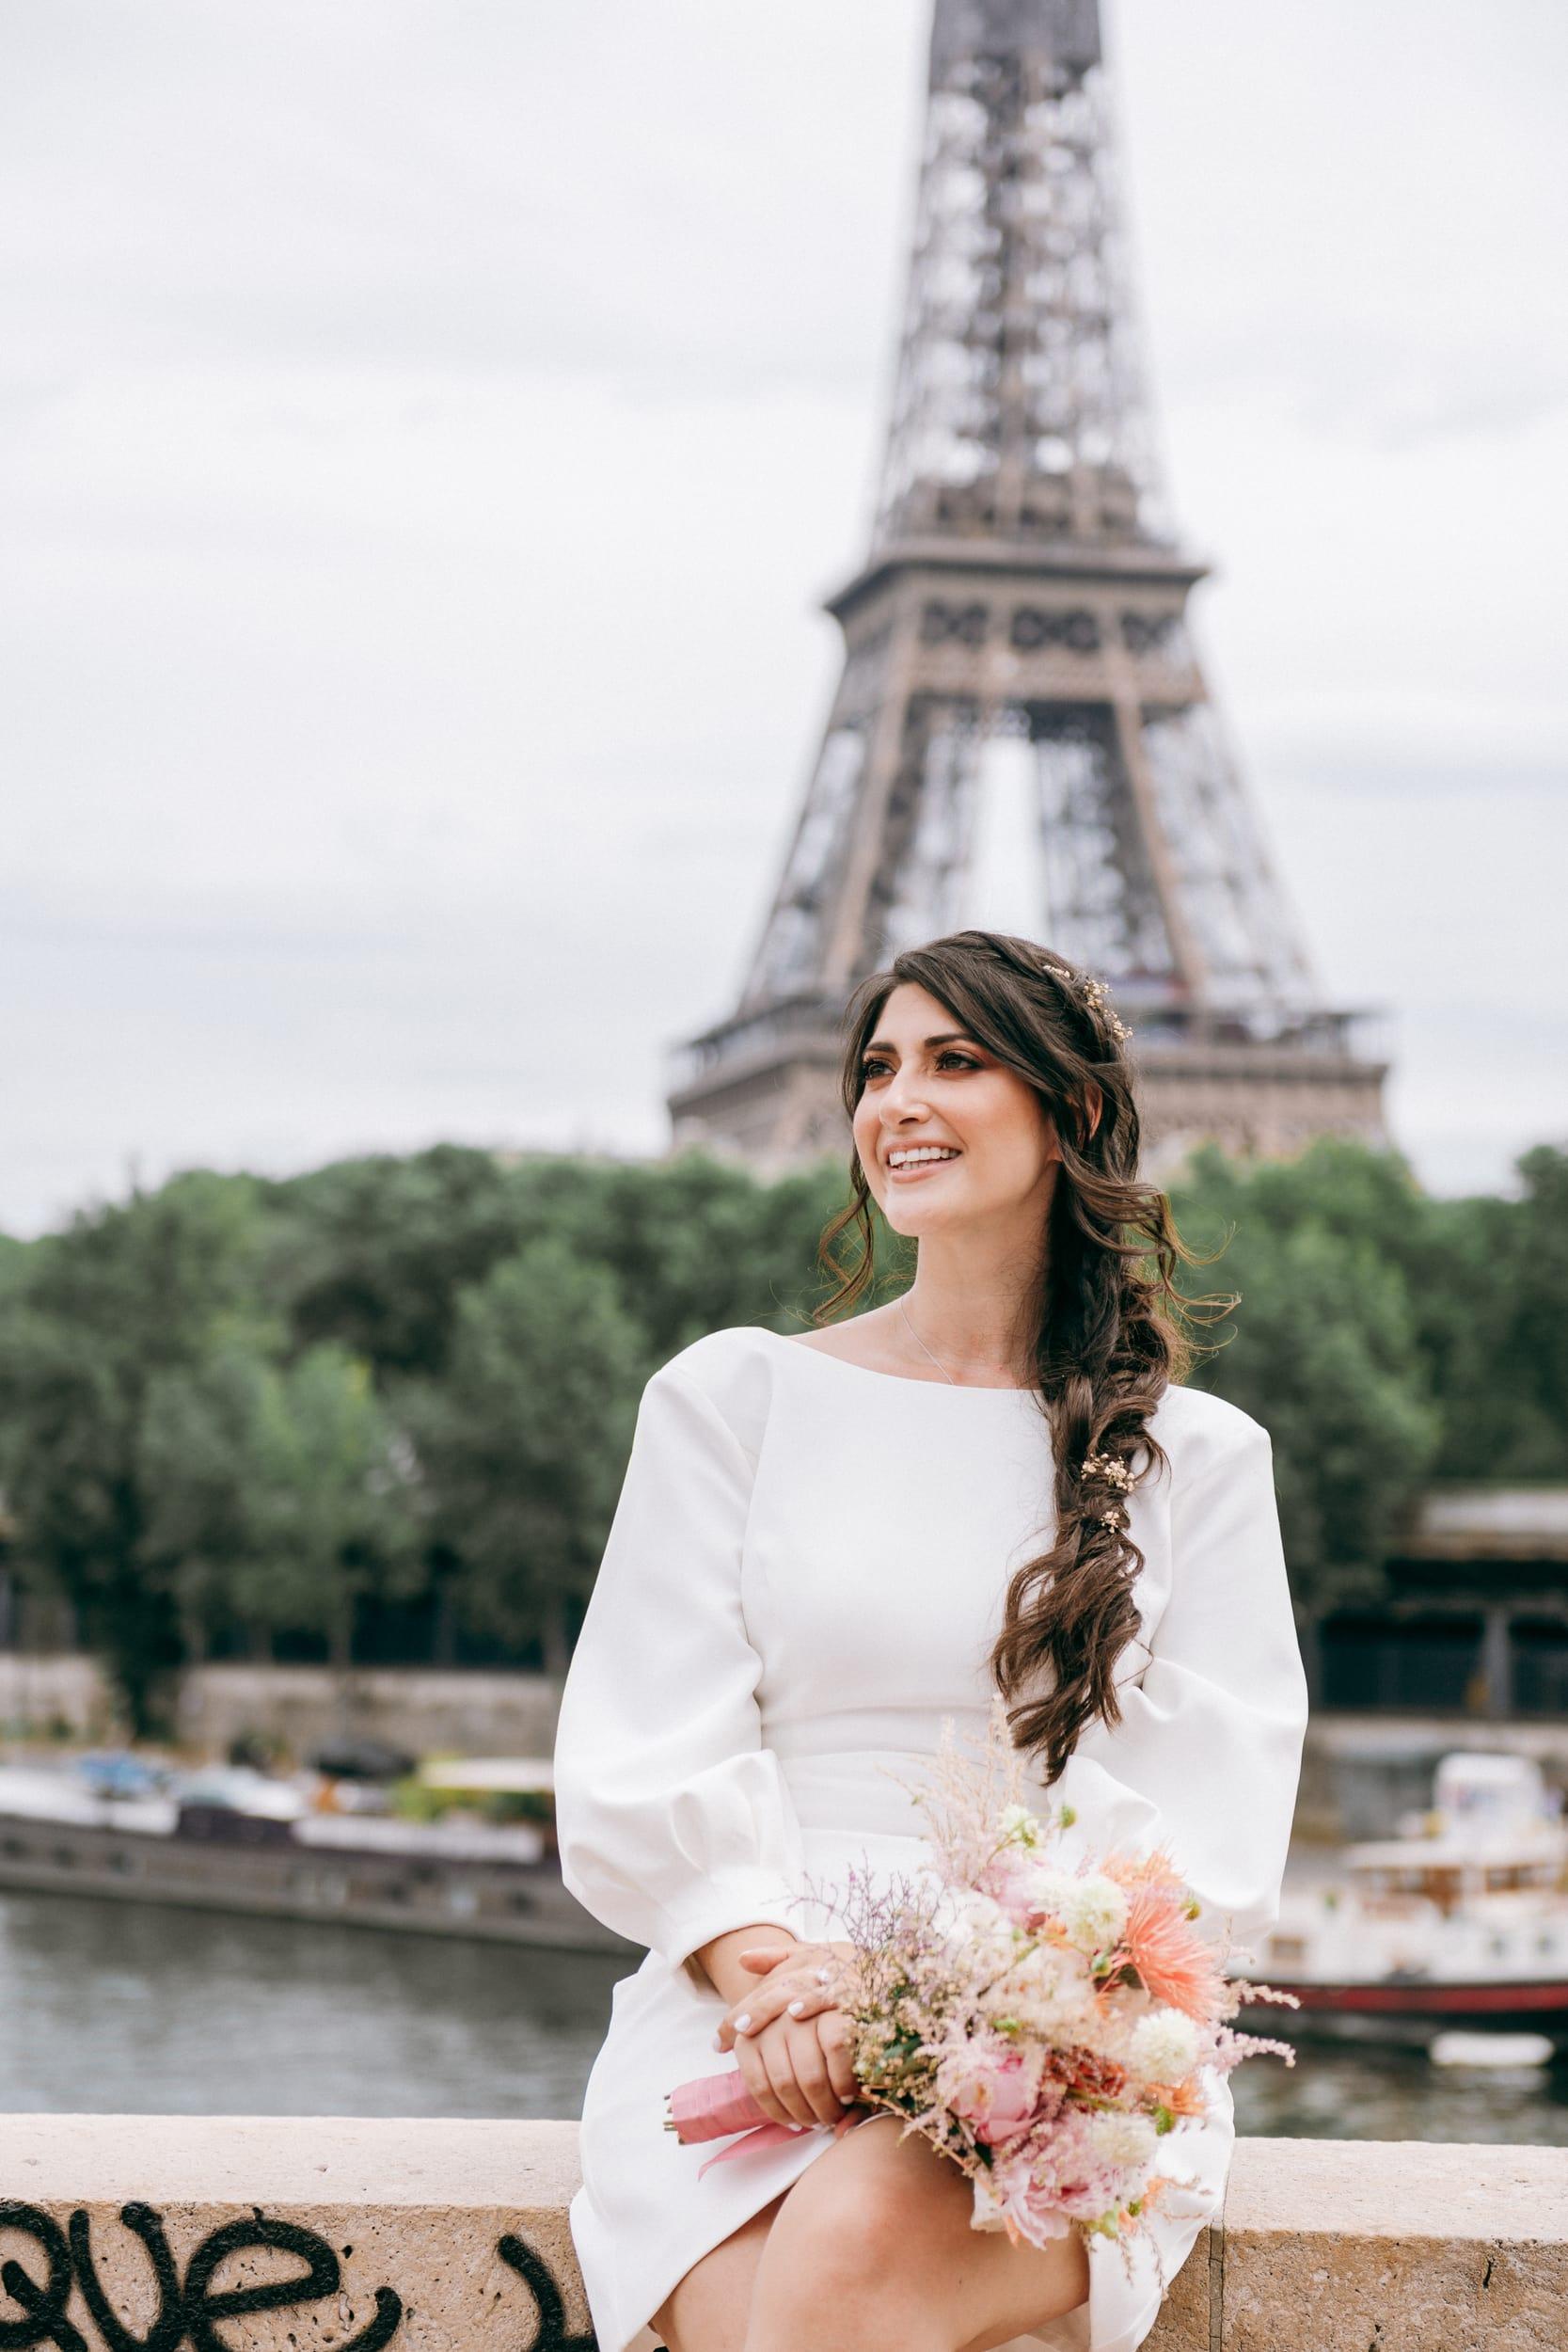 Aurore et Charles-8152Photographe de Mariage buttes chaumont paris Mairie 75019